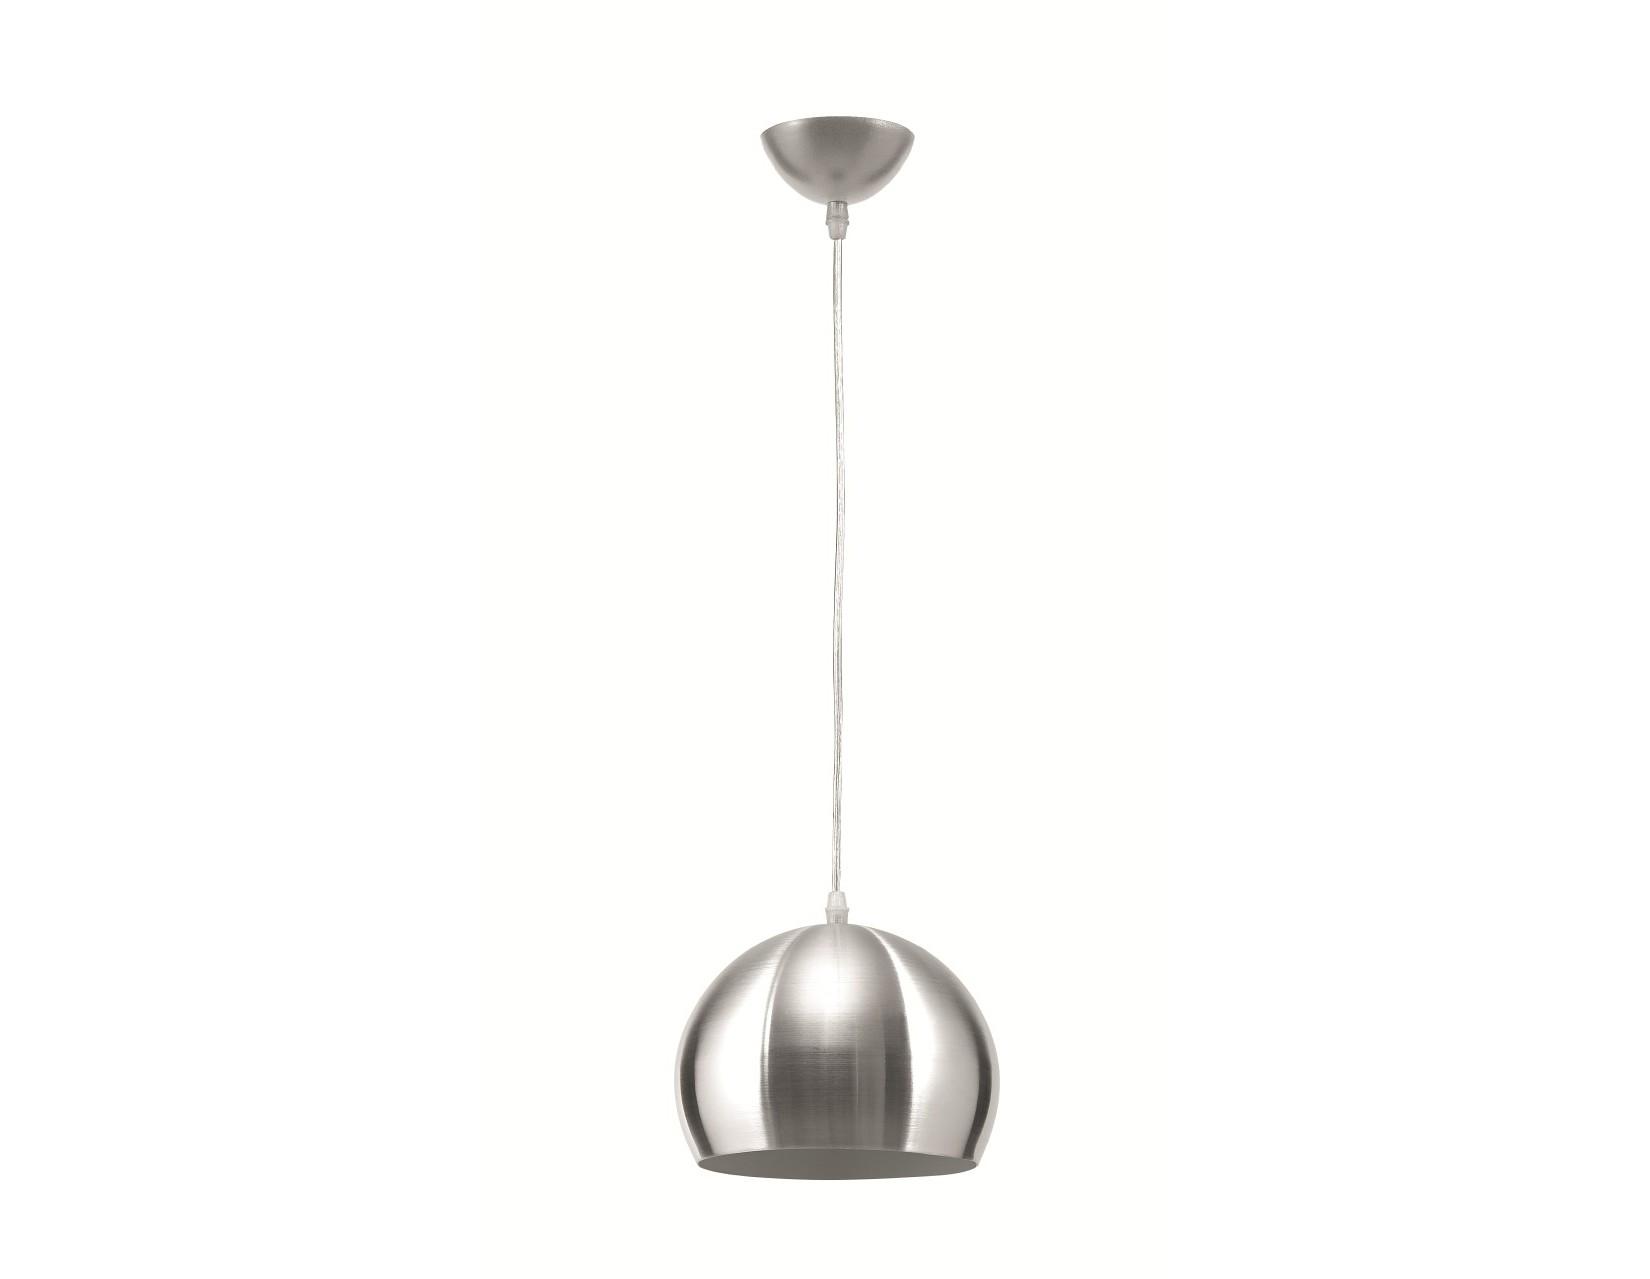 Лампа подвесная Kosmo 1 AluminiumПодвесные светильники<br>&amp;lt;div&amp;gt;Вид цоколя: Е27&amp;lt;/div&amp;gt;&amp;lt;div&amp;gt;Мощность лампы: 60&amp;lt;/div&amp;gt;&amp;lt;div&amp;gt;Количество ламп: 1&amp;lt;/div&amp;gt;&amp;lt;div&amp;gt;Наличие ламп: нет&amp;lt;/div&amp;gt;<br><br>Material: Алюминий<br>Height см: 130<br>Diameter см: 28